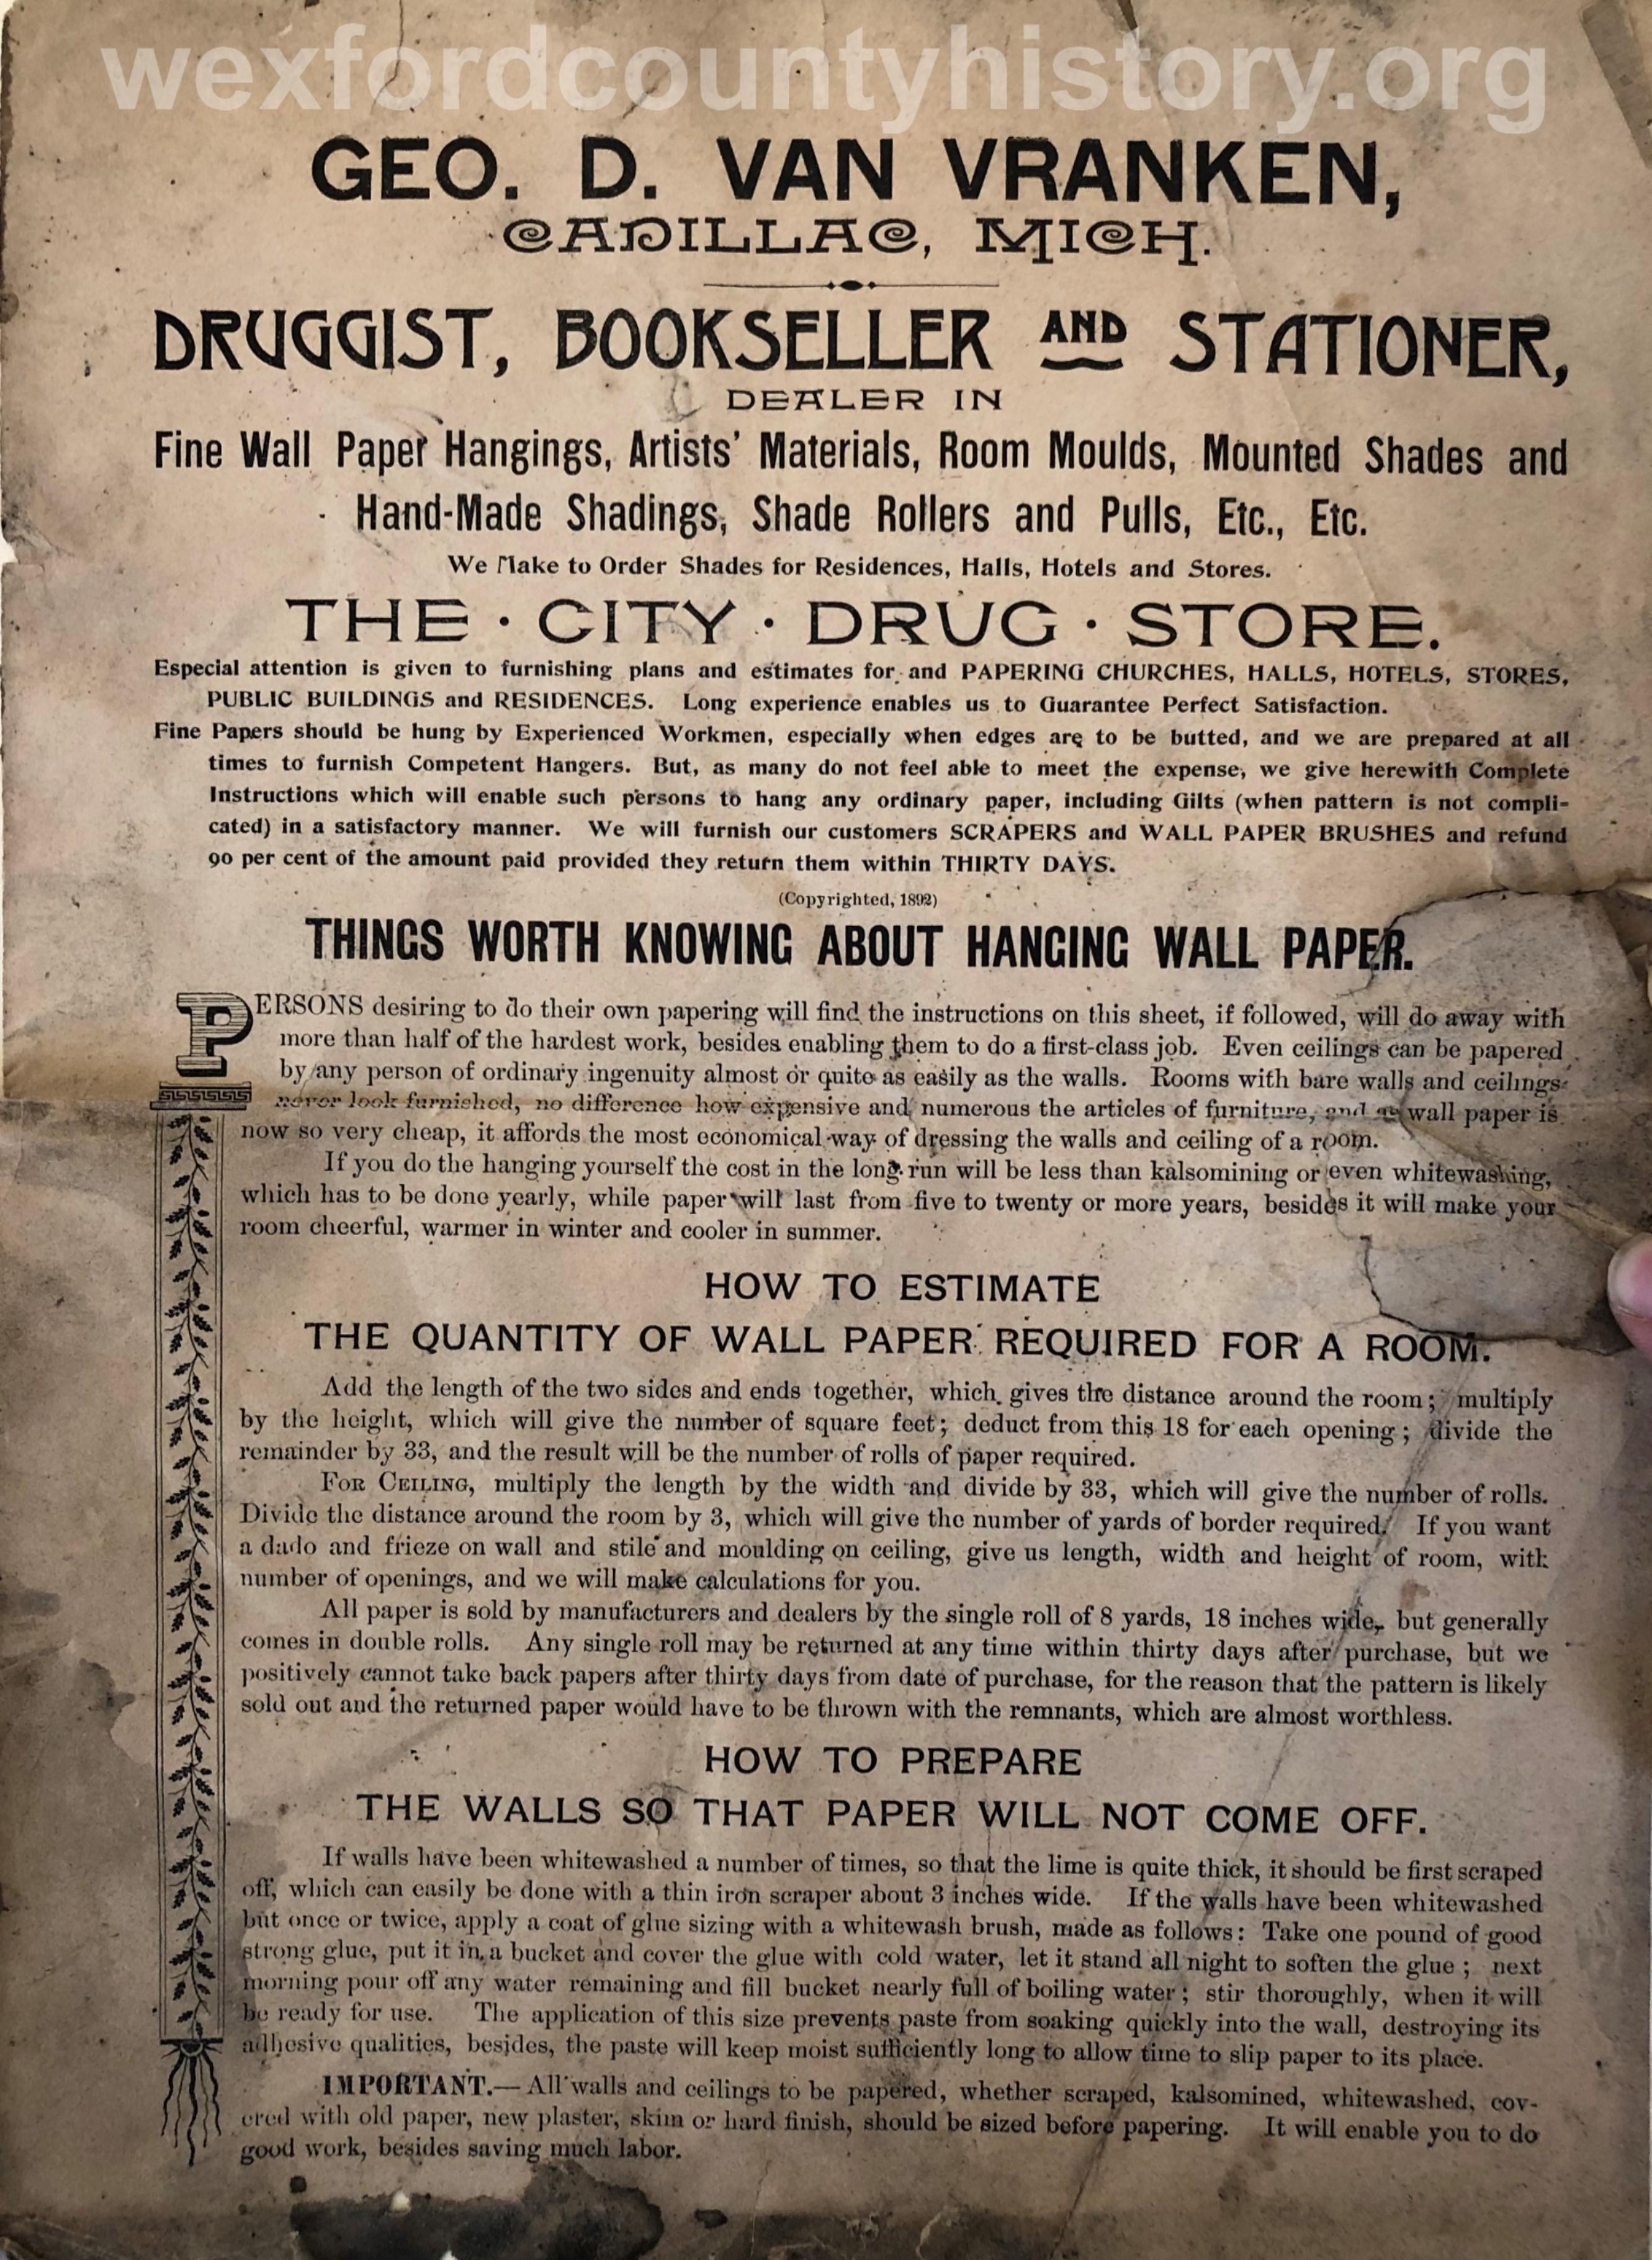 George D. VanVranken Advertisement